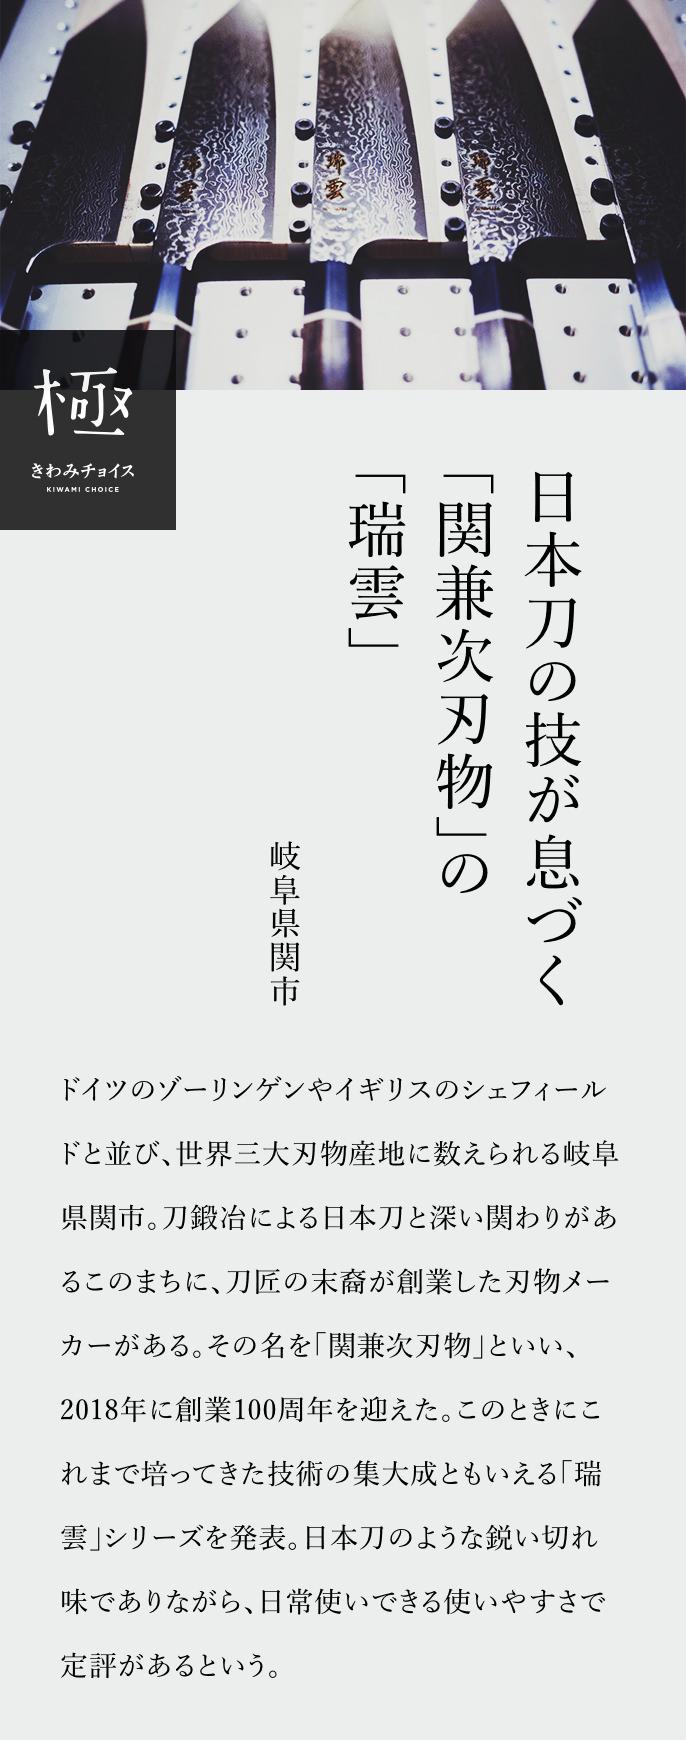 日本刀の技が息づく 「関兼次刃物」の「瑞雲」 | ふるさと納税 ...